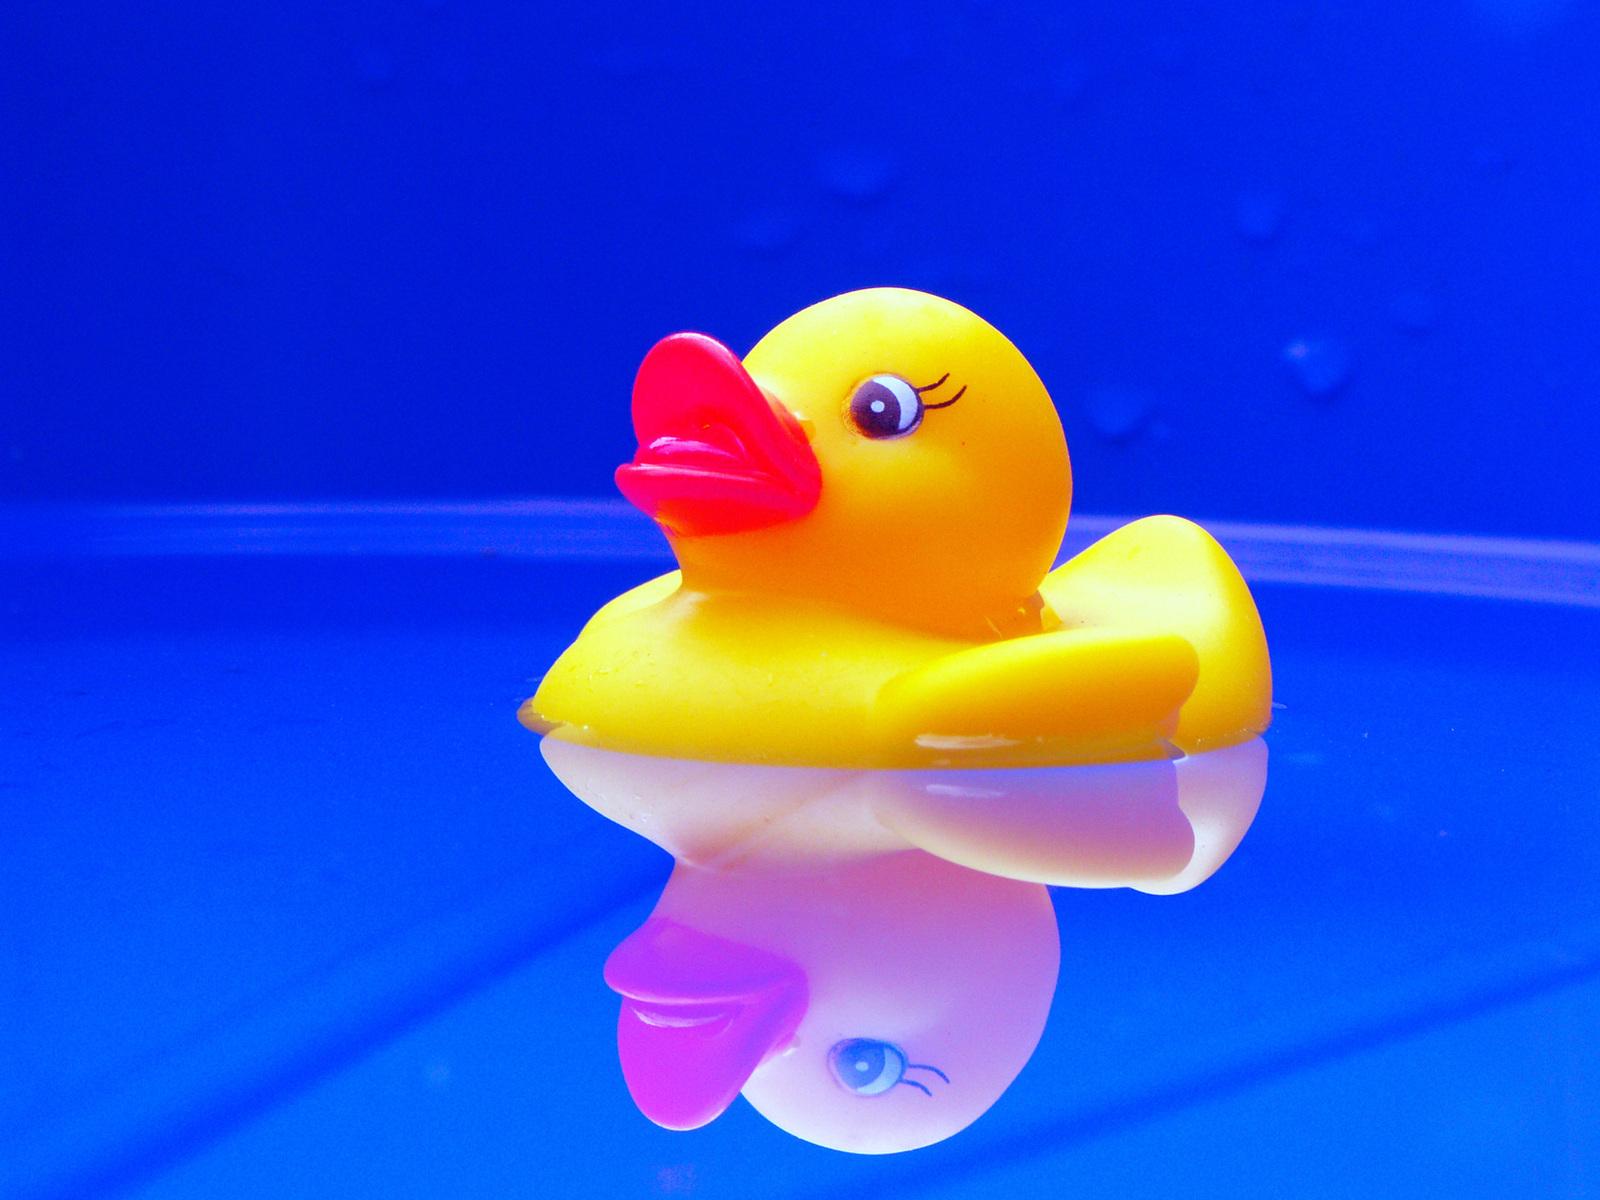 duck-1563094-1600x1200